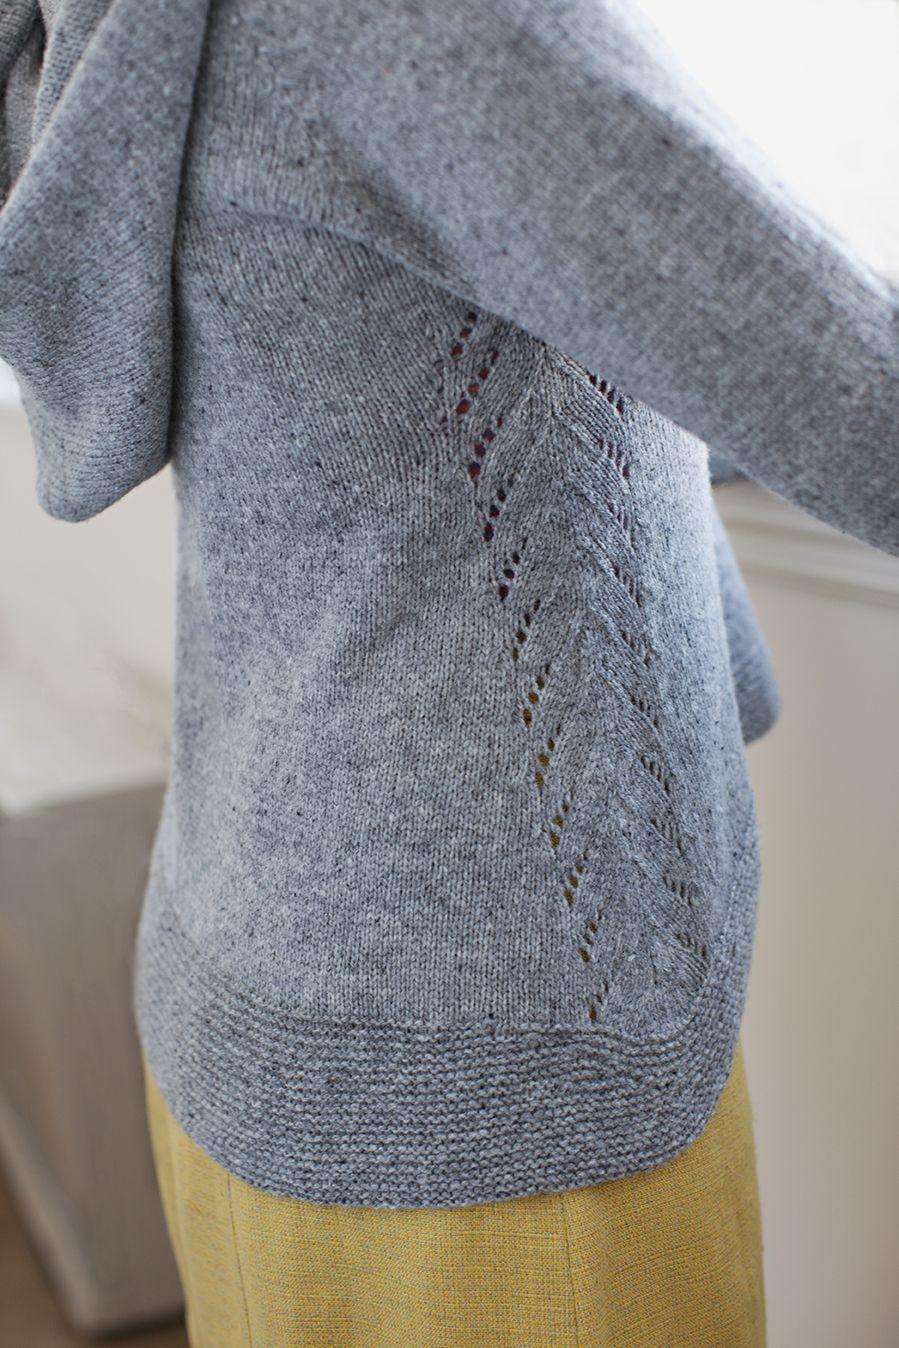 Edge hoodie pullover from Brooklyn Tweed